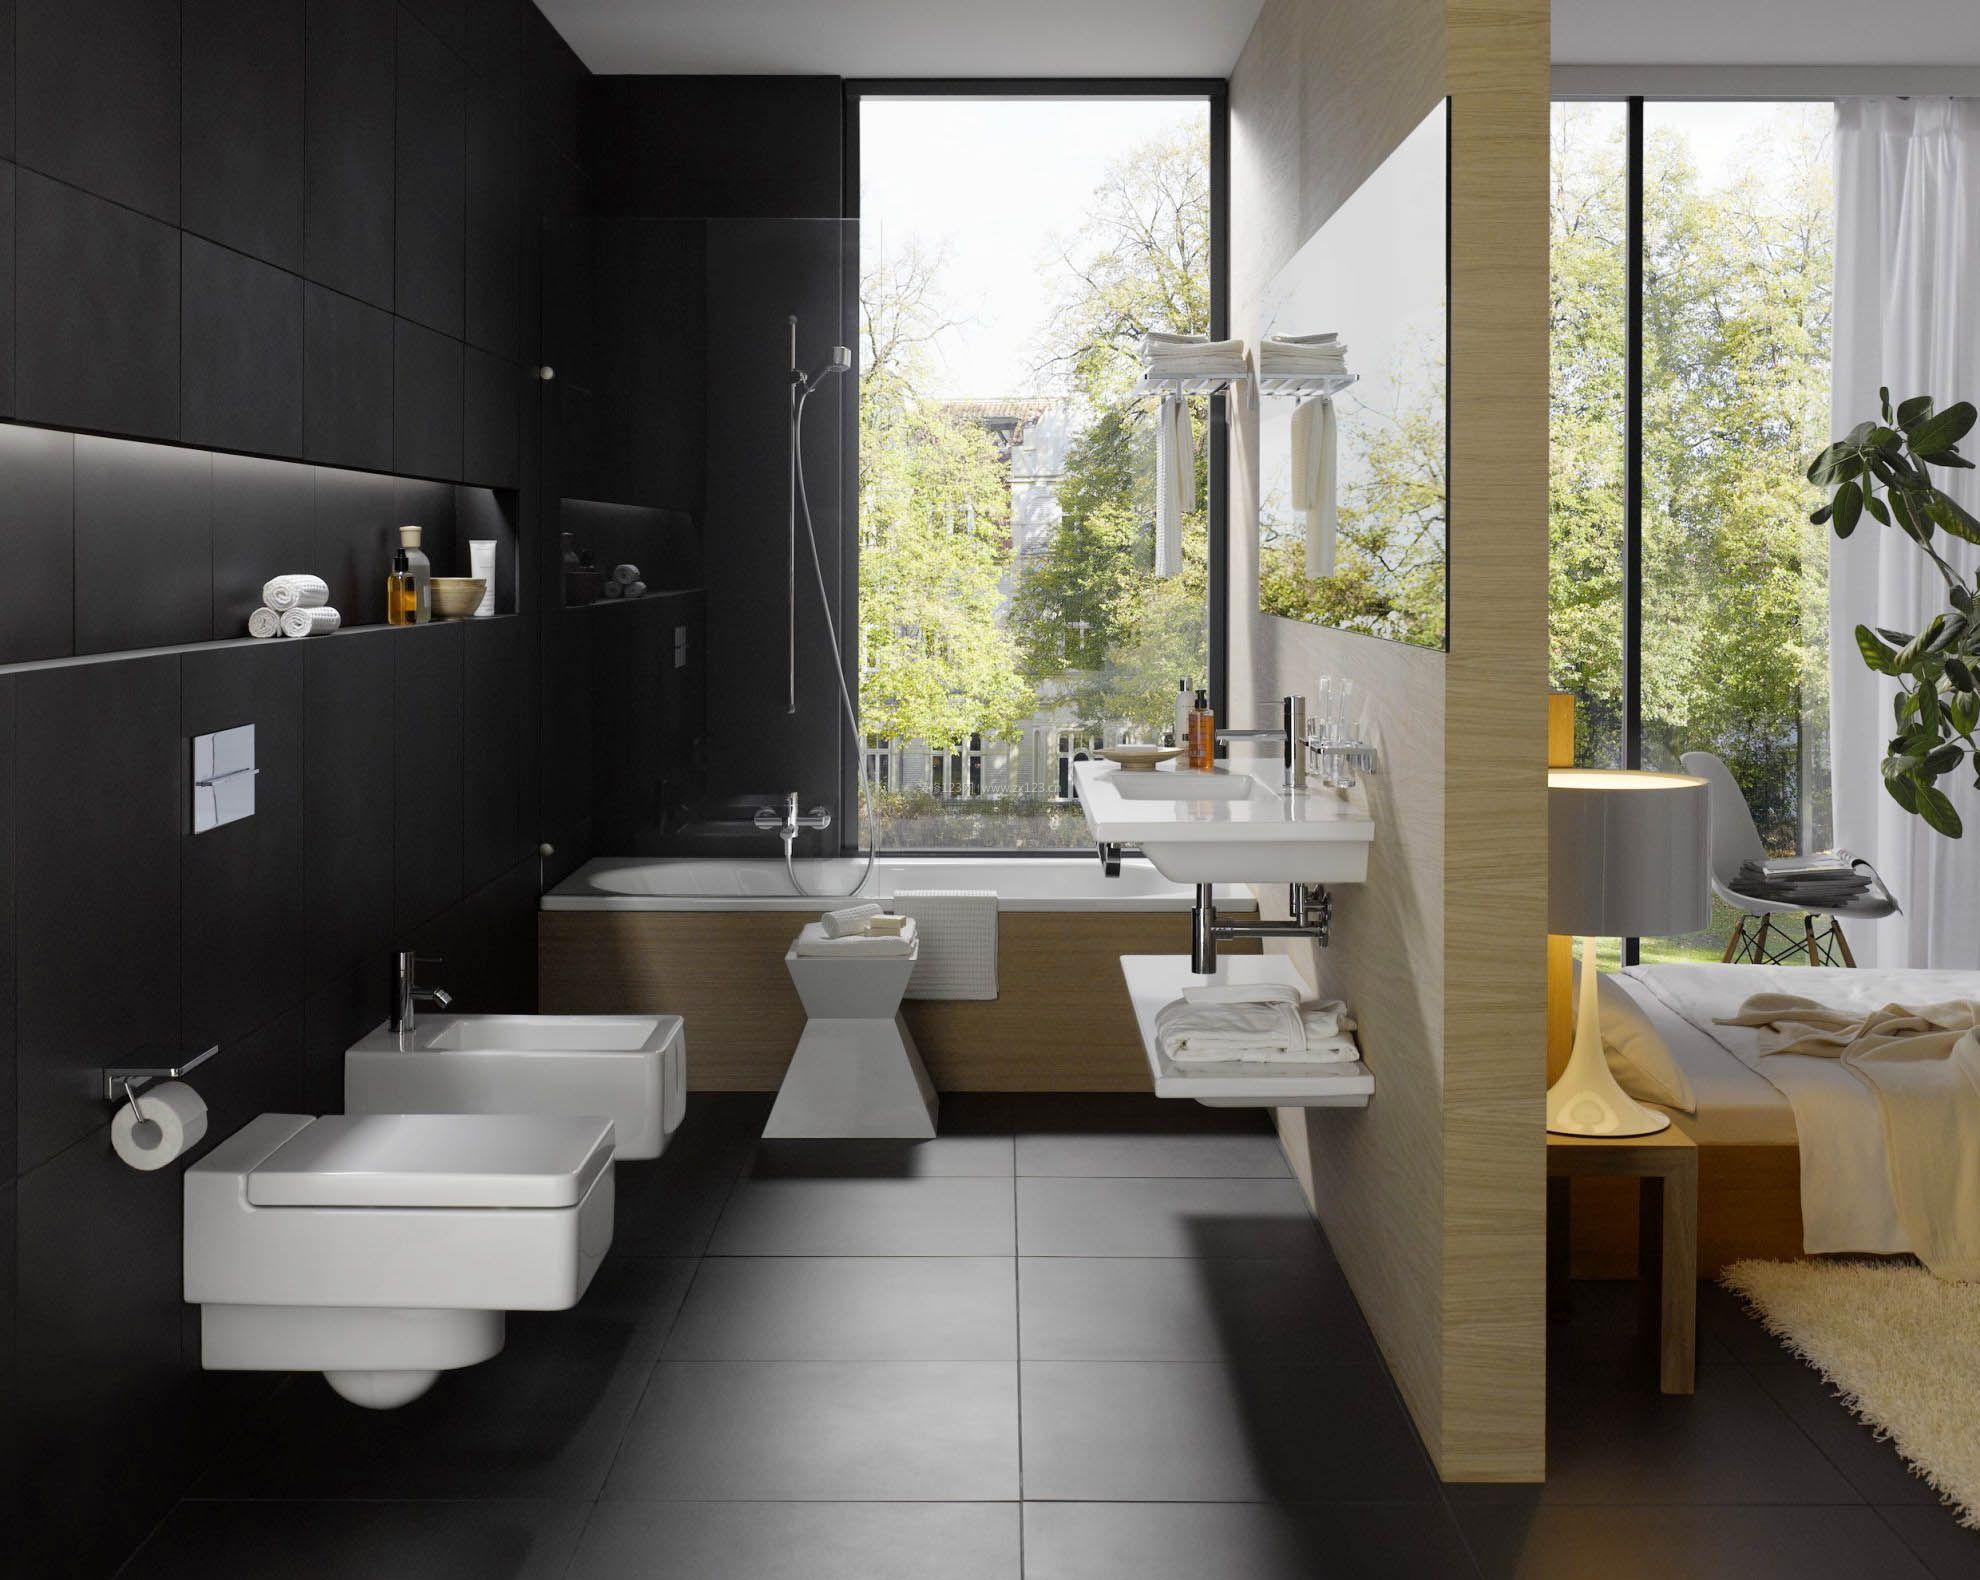 客栈卫生间设计图展示图片